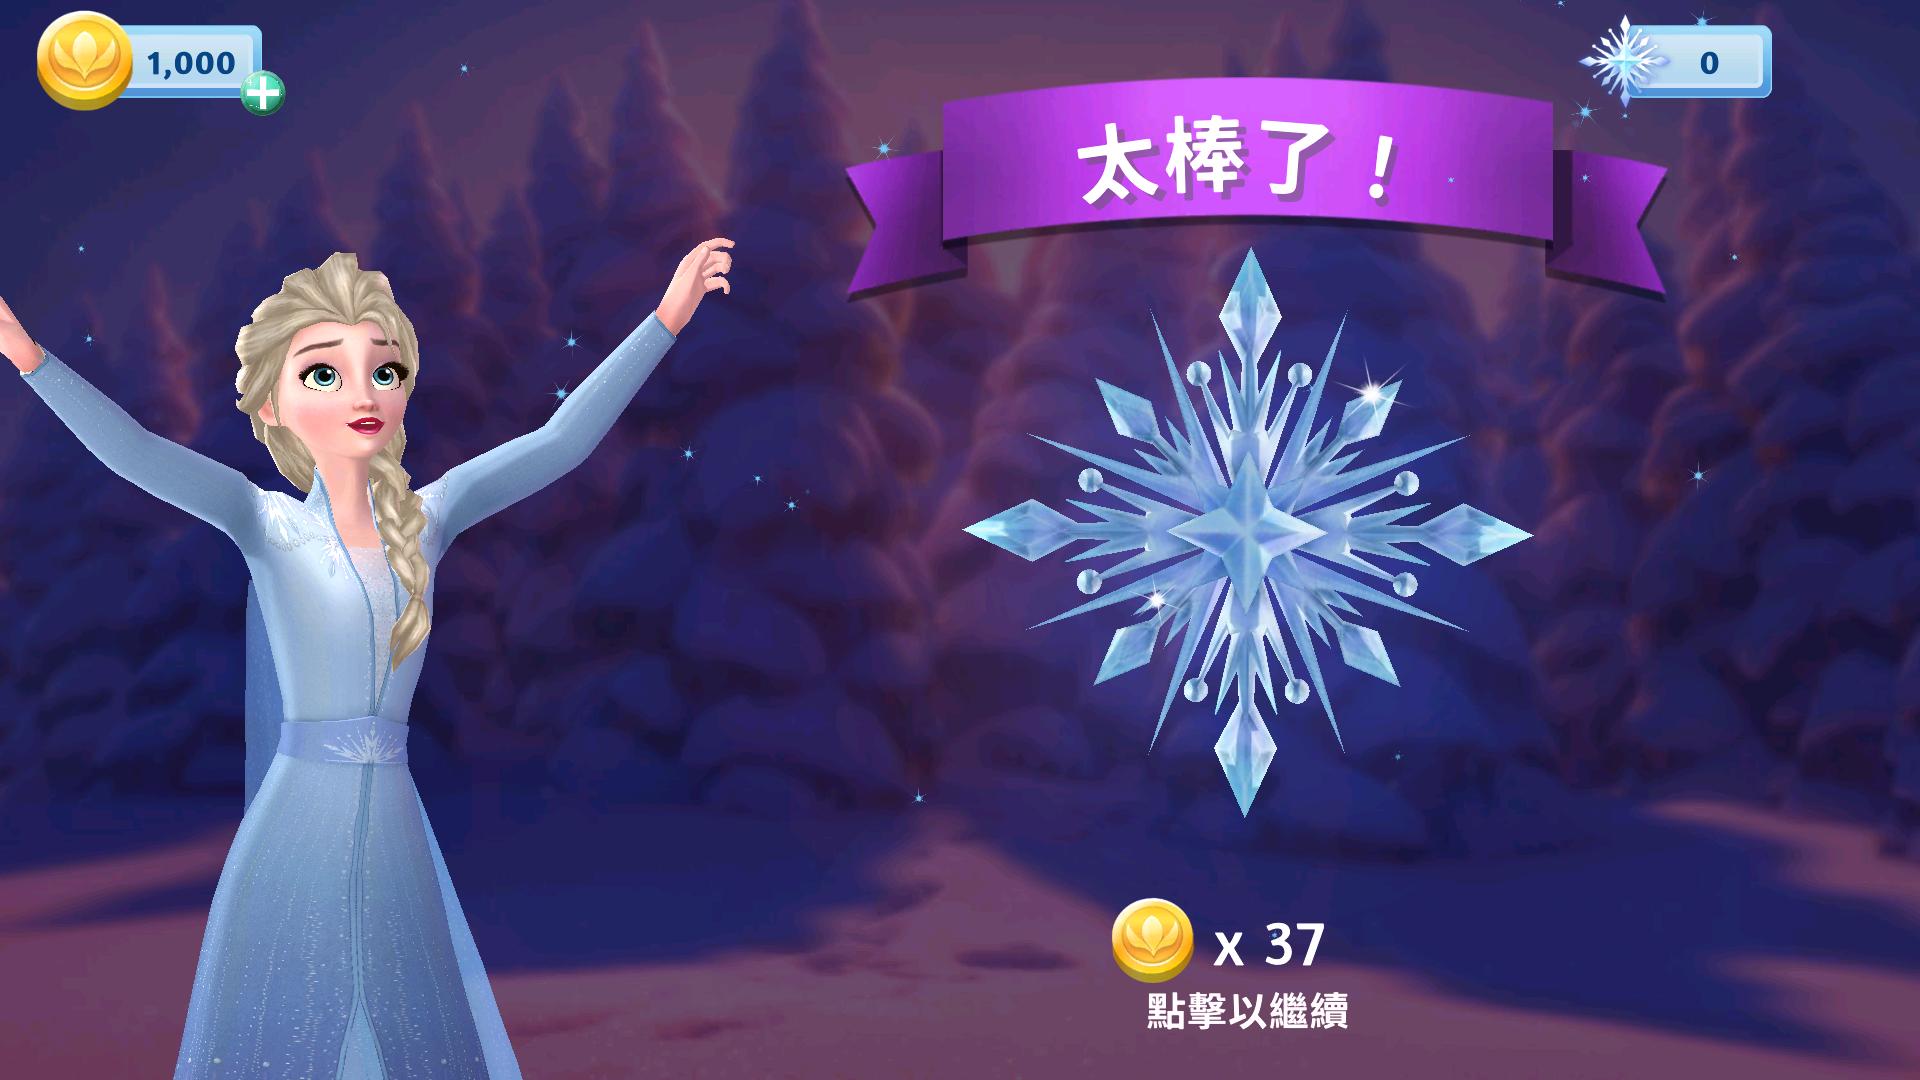 一起來遊戲裡動動腦收集雪花吧